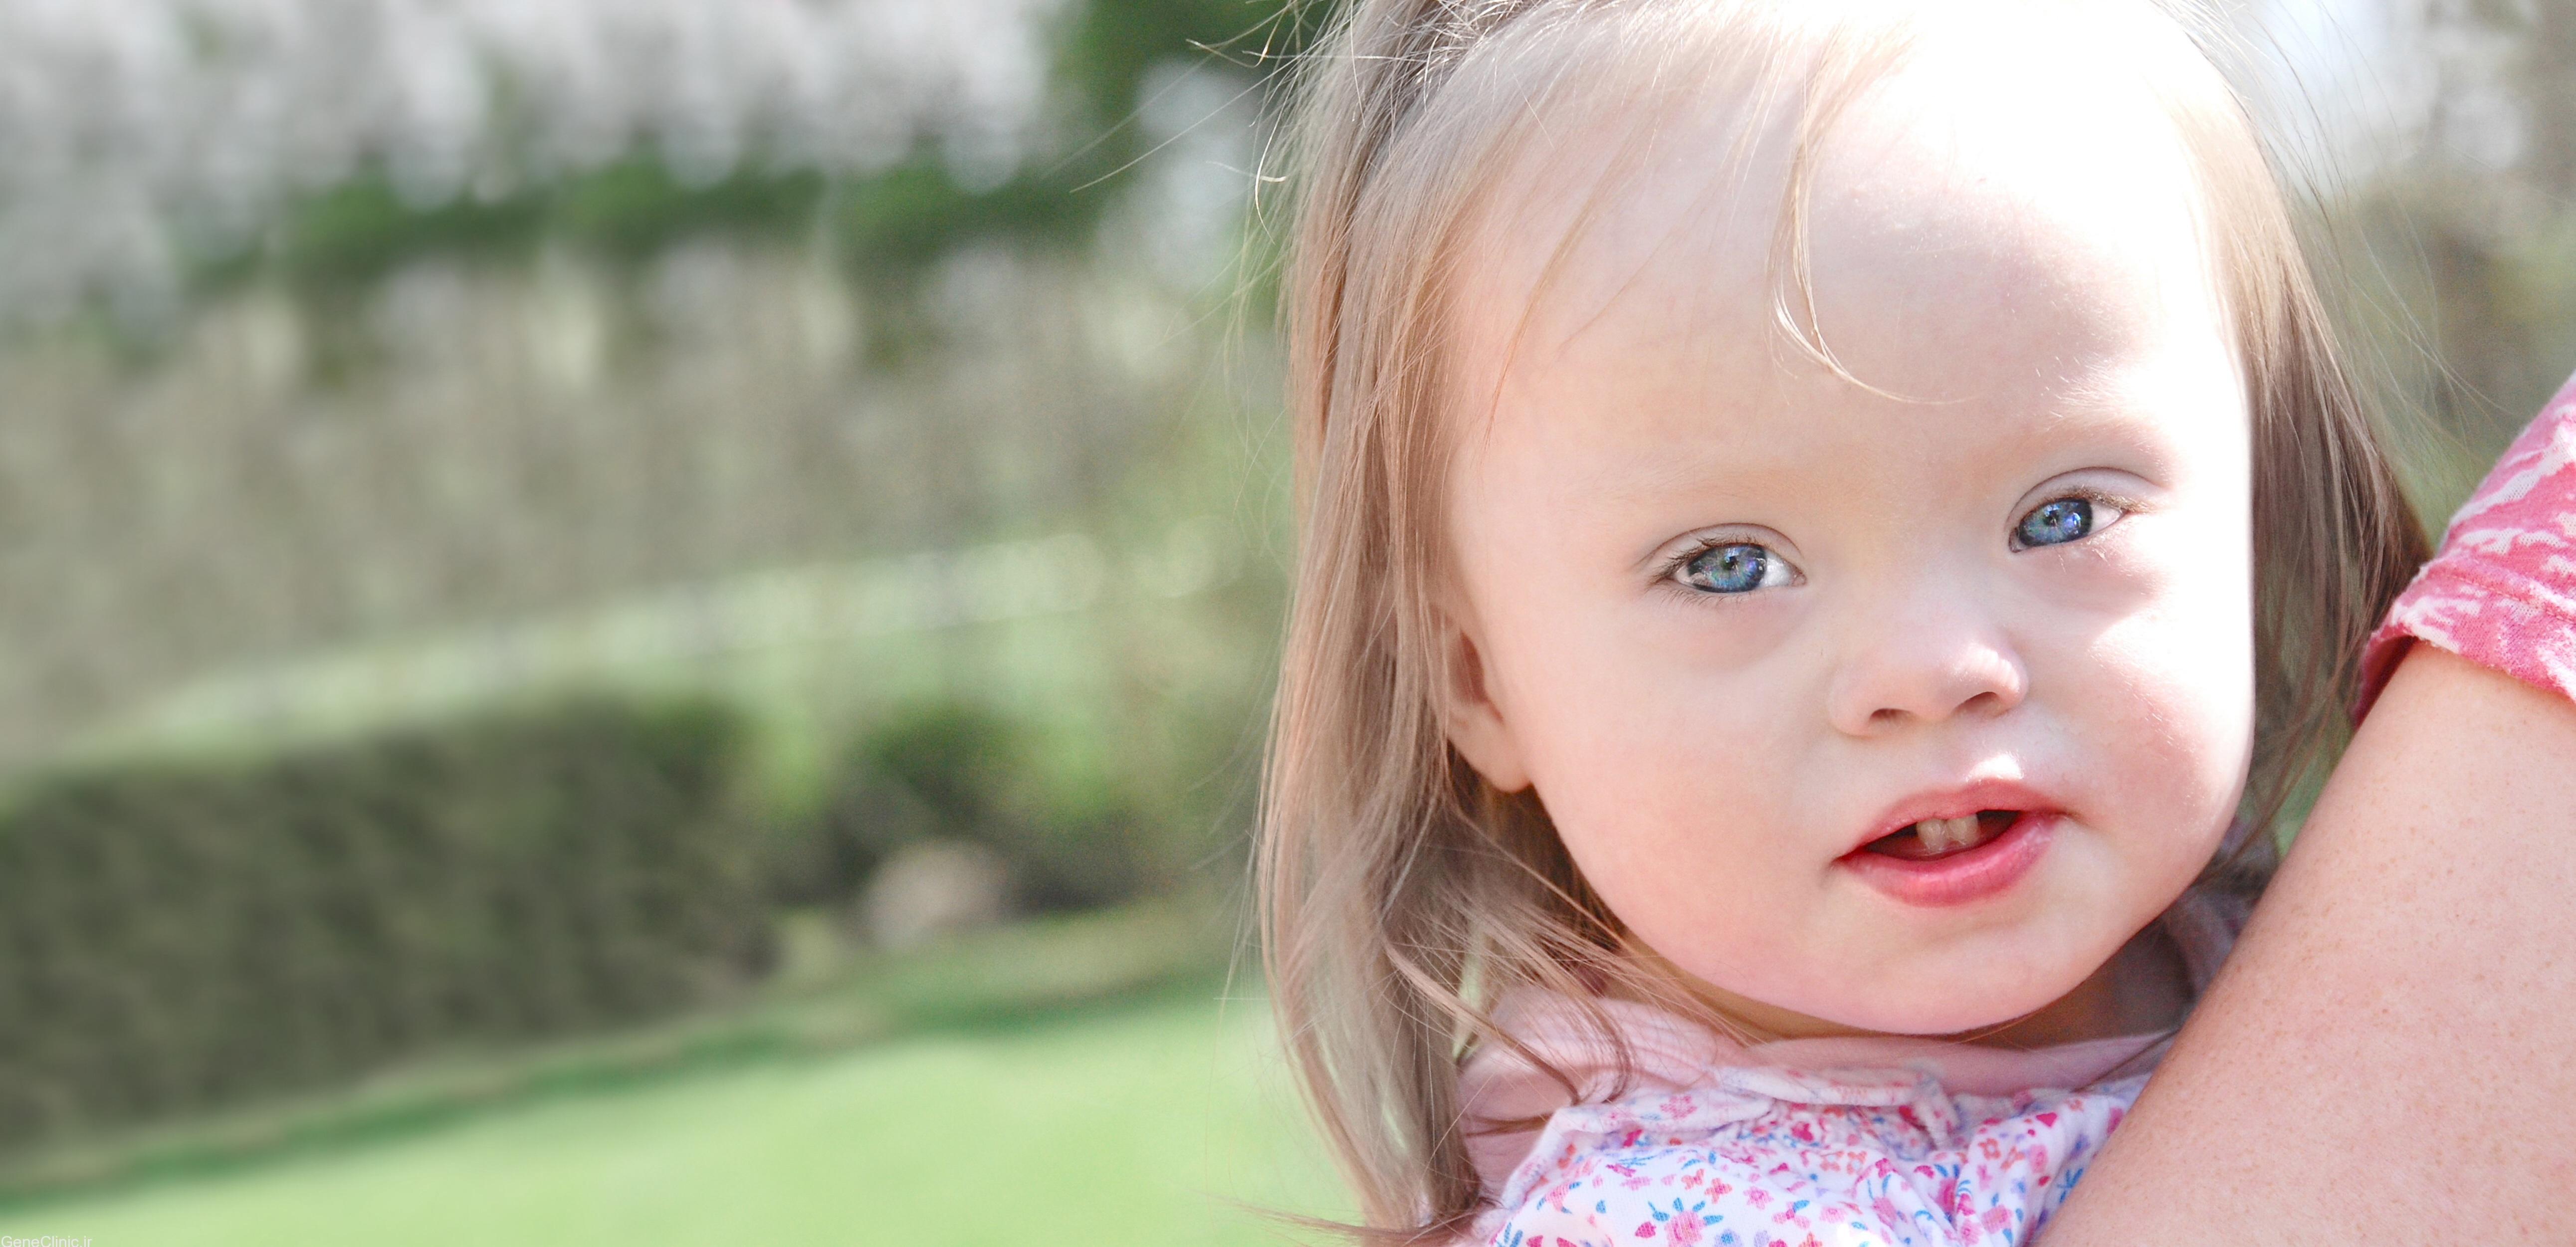 احتمال تکرار سندرم داون در خانواده چقدر است